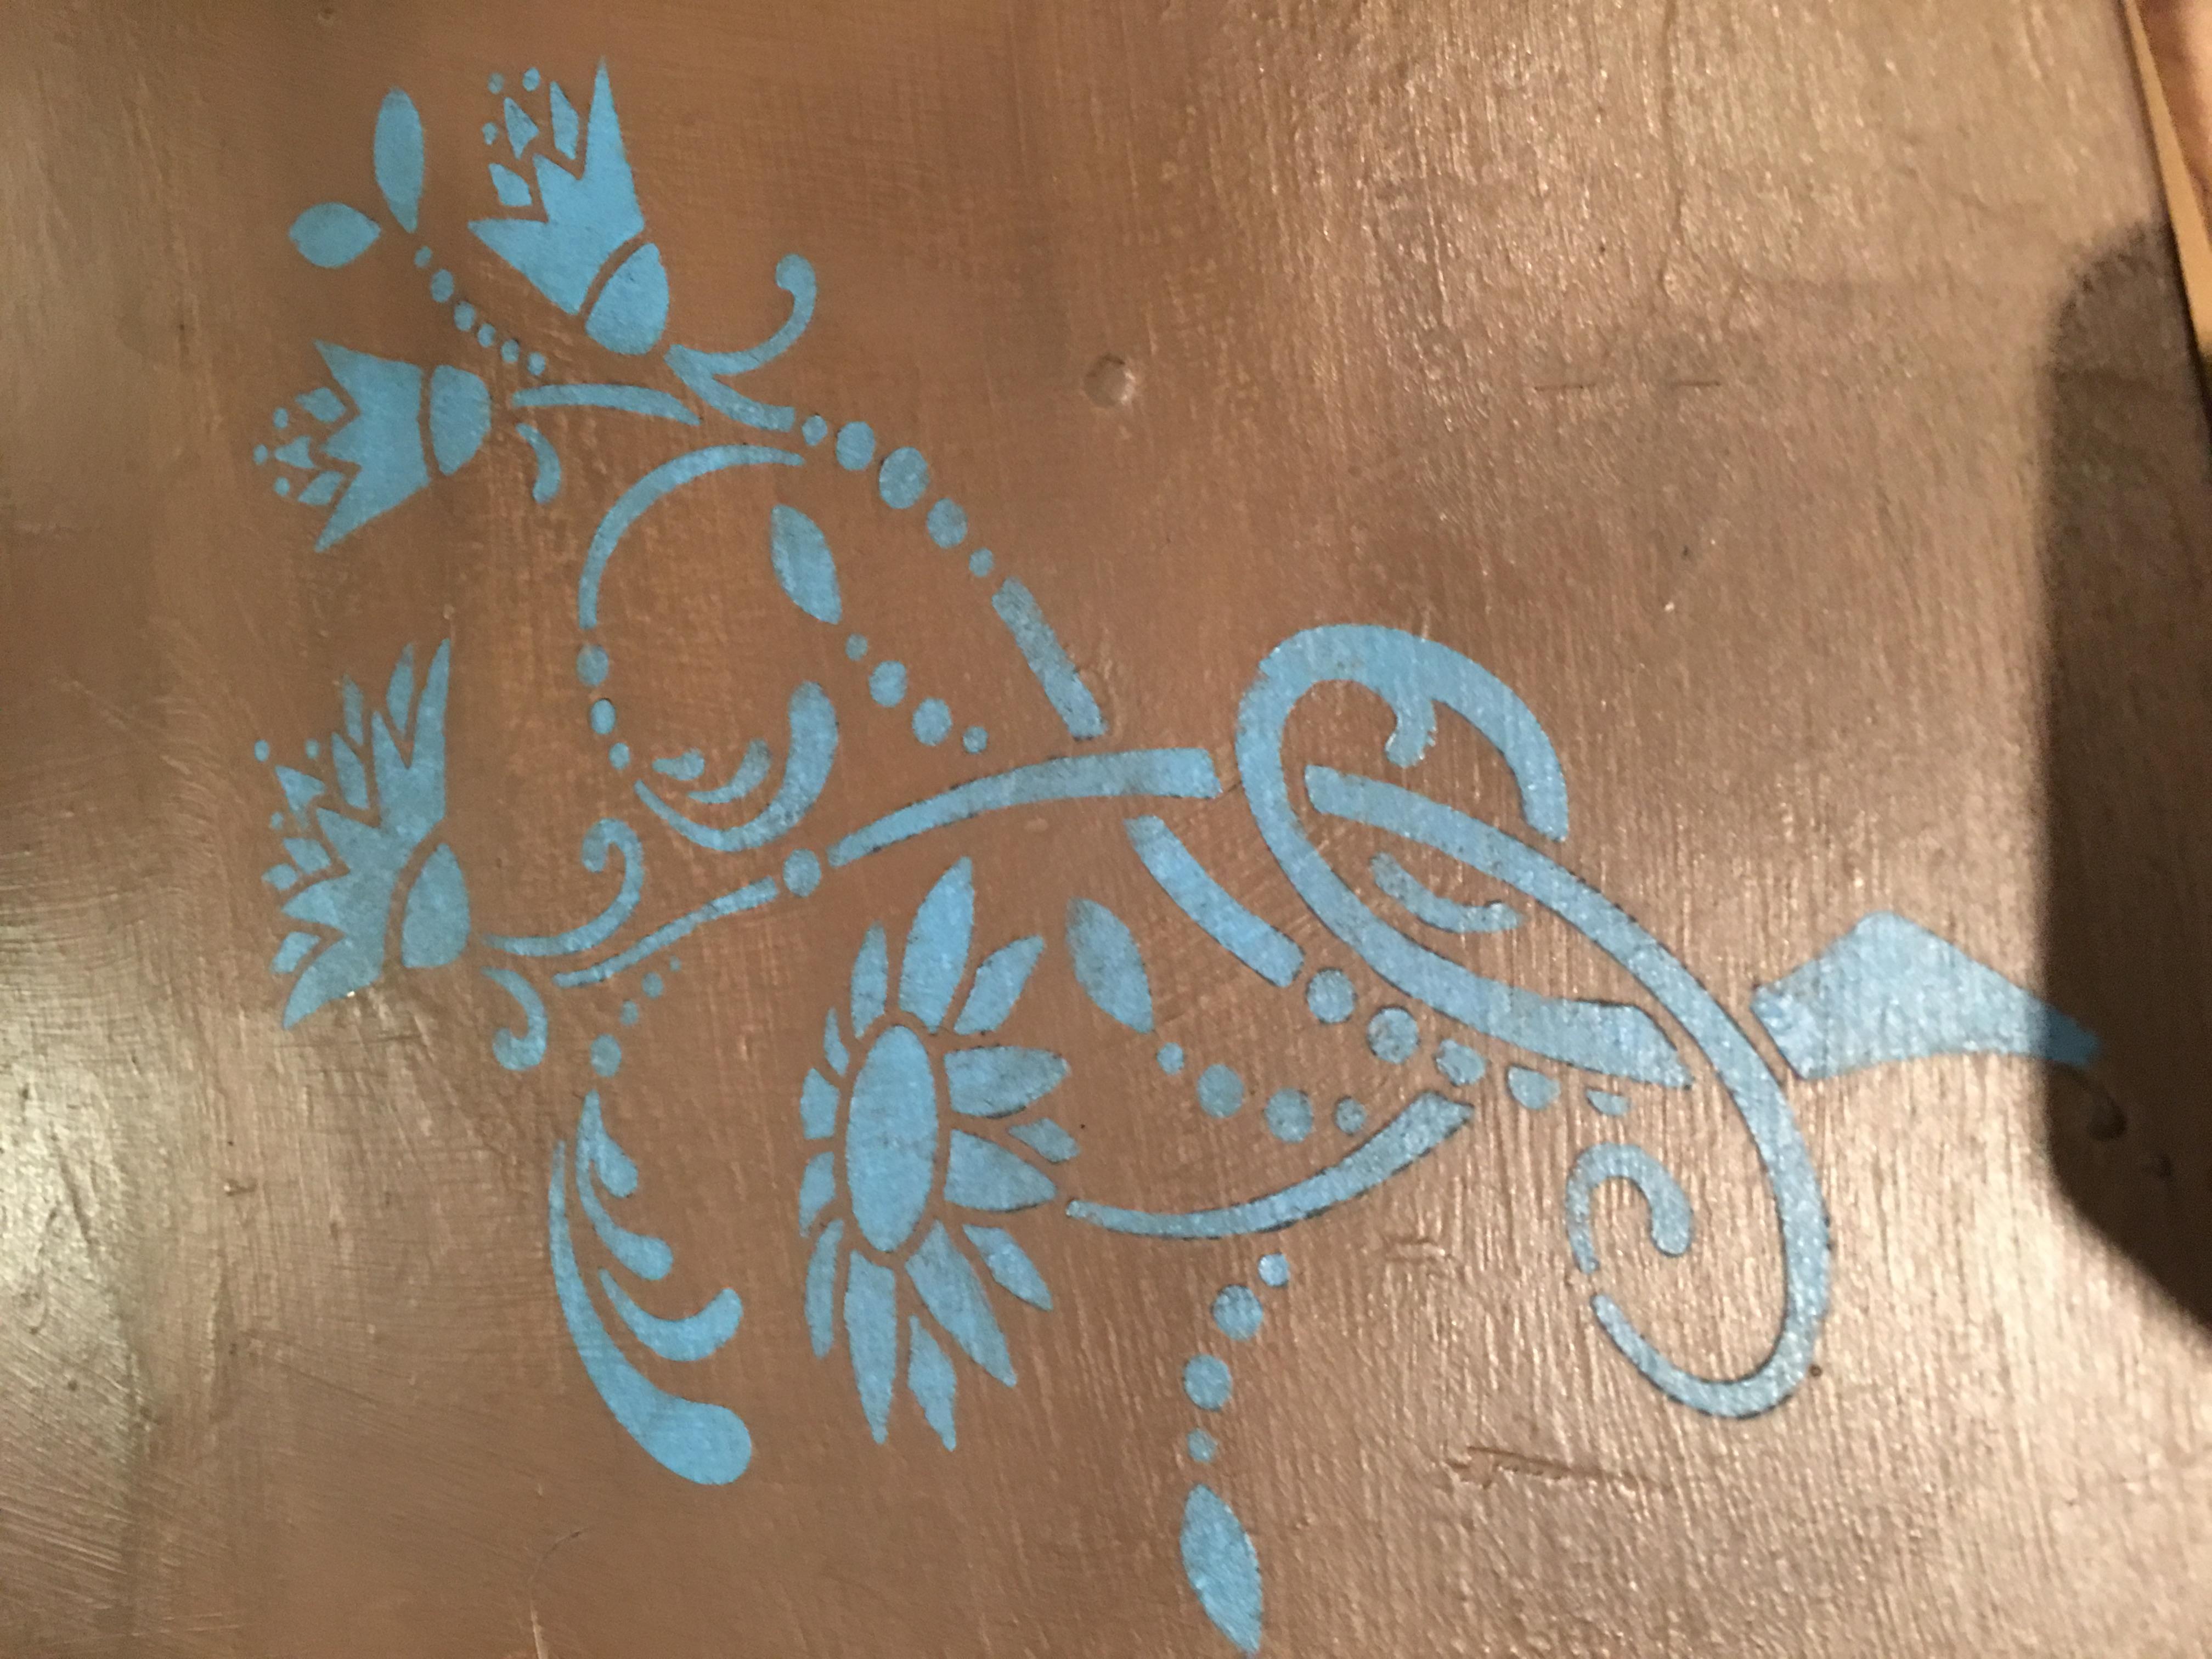 Giverny er en lys, glad, ren, kølig blå i Annie Sloan paletten. Det er nær grønnere vifte af blues, uden nogen rød i det. Det er en perfekt farve til en moderne moderne palet, og ser flot ud med lyse, varme farver (såsom Barcelona Orange og Scandinavian Pink) og kølige neutrale (såsom Paloma) samt greens fra Annie Sloan sortiment. Giverny er opkaldt efter den landsby i det nordlige Frankrig, hvor Claude Monet boede og denne geniale blå var især populær i begyndelsen af det 20. århundrede interiør.